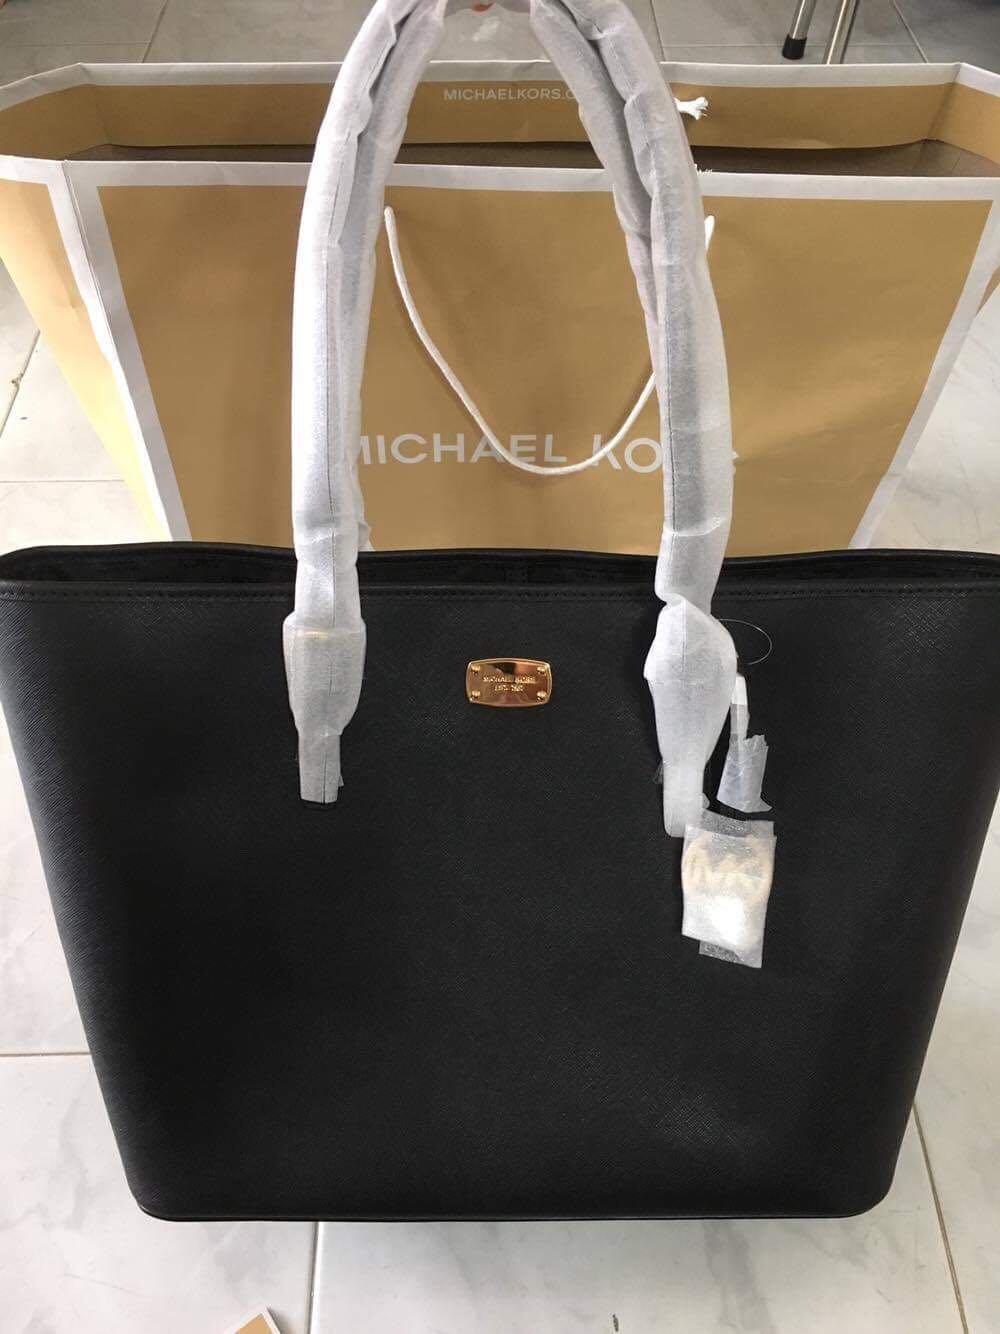 459f0f932db5db MK Michael Kors Tote Bag Authentic, Women's Fashion, Bags & Wallets ...